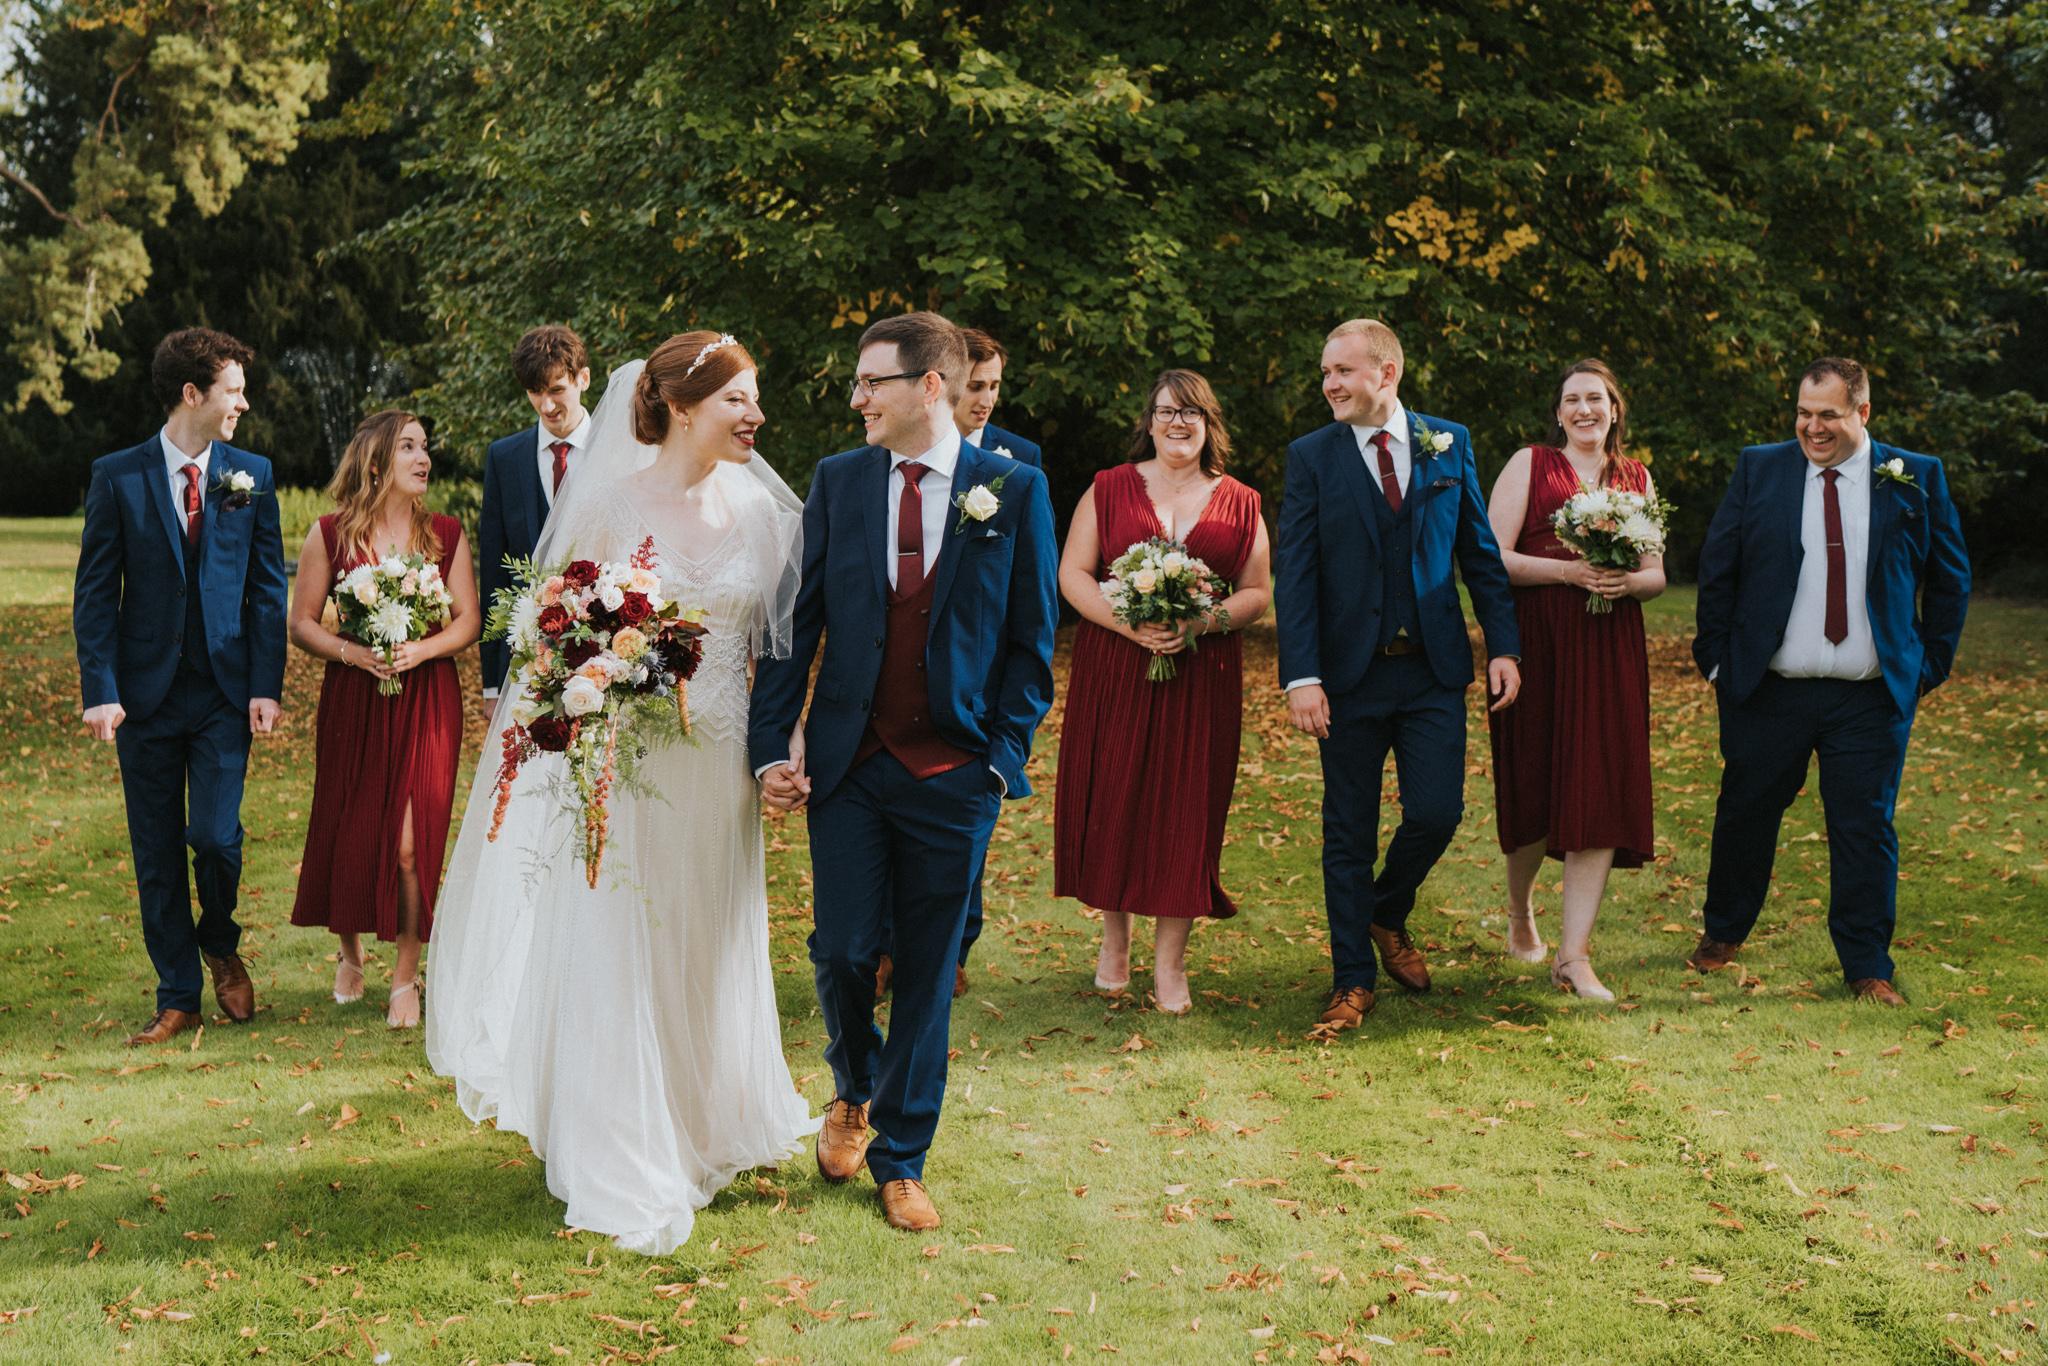 philippa-mark-holmewood-hall-peterborough-grace-elizabeth-colchester-essex-norfolk-devon-suffolk-alternative-wedding-photographer (42 of 62).jpg